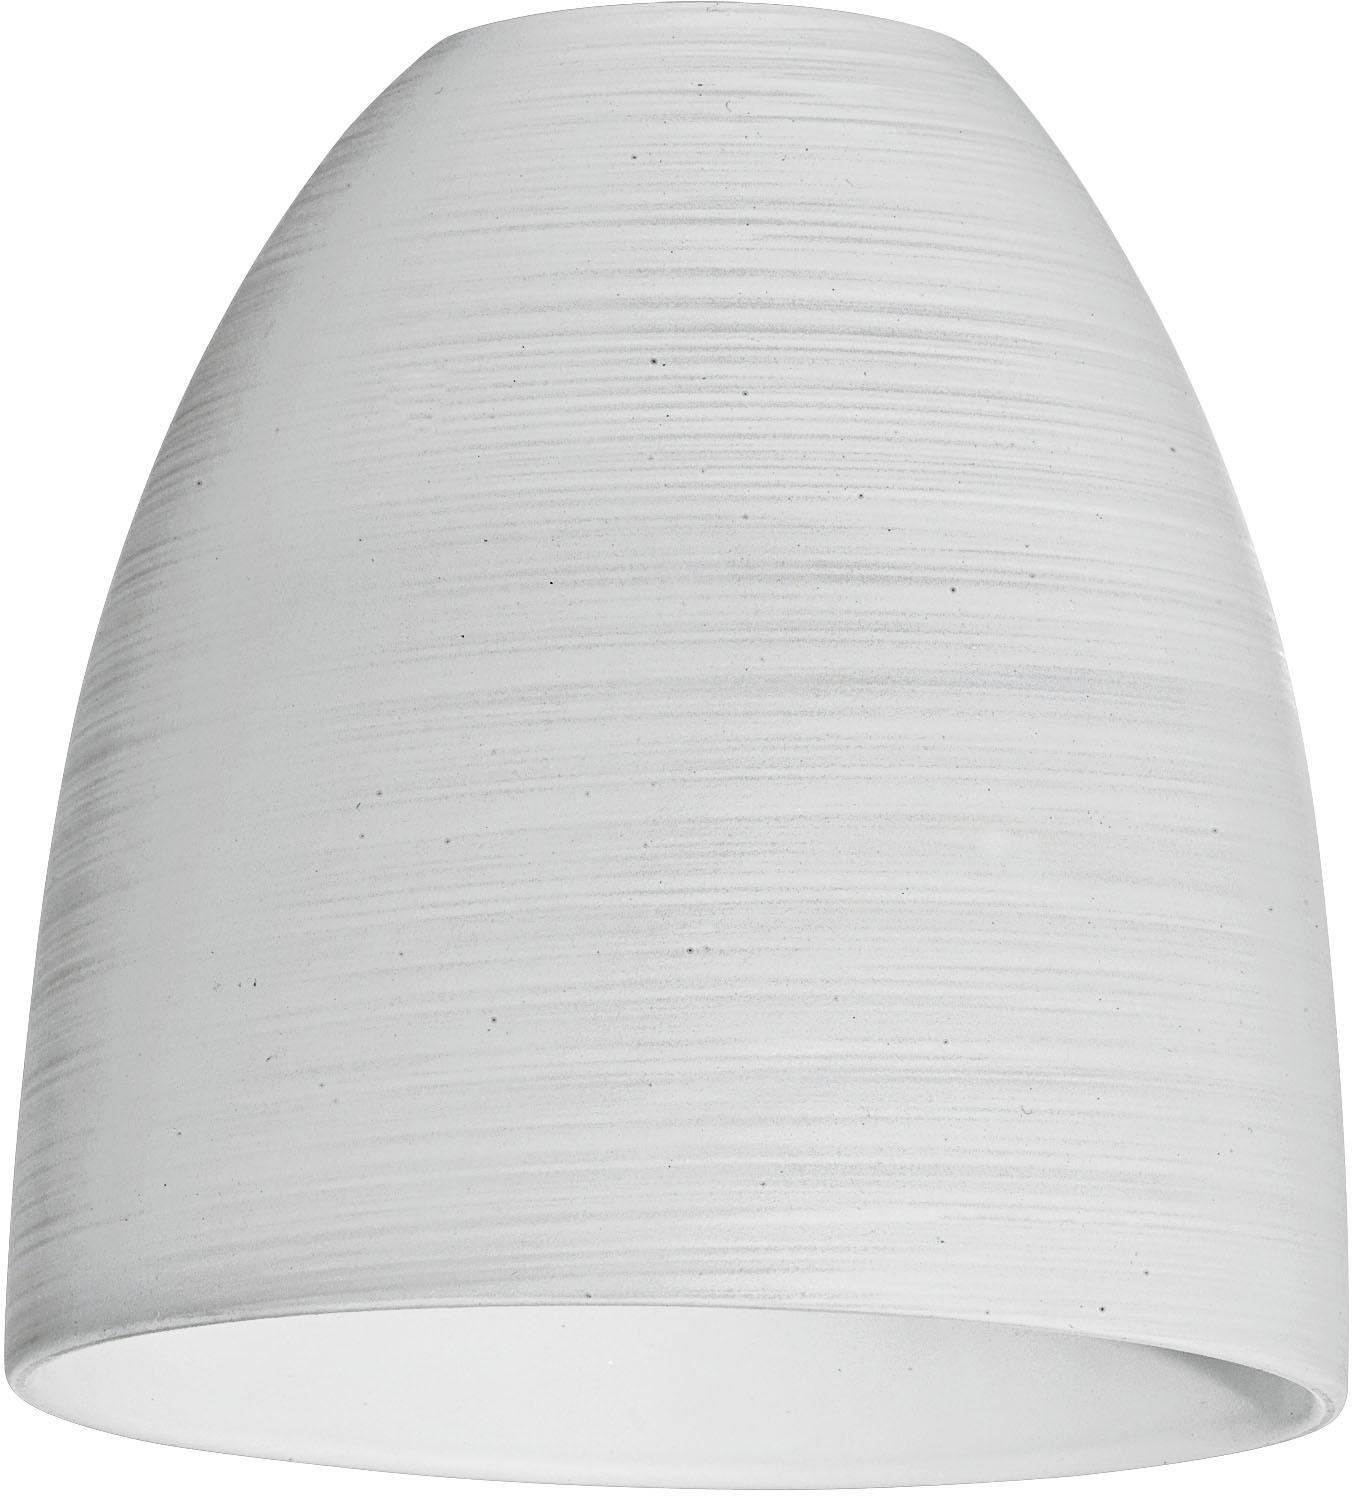 Schraube Licht Lampenschirm Anh/änger Fassung LED Konverter Halsband Ring Adapter einbauteil wei/ß Lampe Halterung Lampenfassung LED Lichter und Standard Leuchtmittel E27/Leuchtmittel Halterung